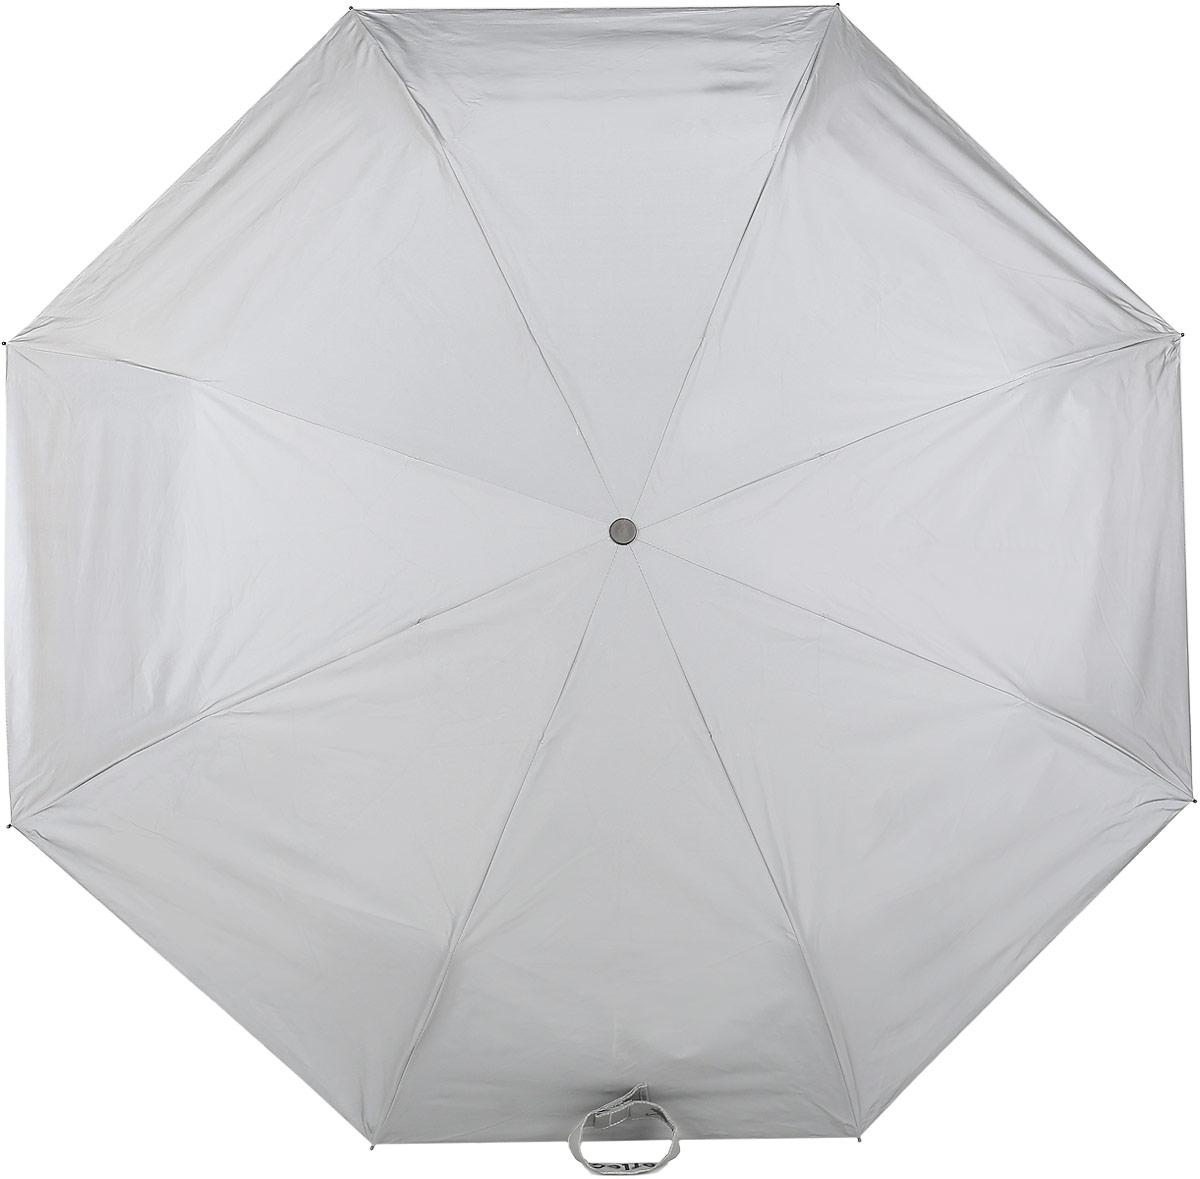 Зонт Reflective Suck UK, механический, 3 сложения, цвет: серый. SK UMBRELLAREF1REM12-GREYСтильный механический зонт Reflective Suck UK в 3 сложения с светоотражающим куполом из полиэстера защит вас в ненастную погоду. Каркас зонта выполнен из 8 металлических спиц, оснащен удобной рукояткой из алюминия, которая дополнена петлей.Купол зонта выполнен из прочного полиэстера.К зонту прилагается чехол.